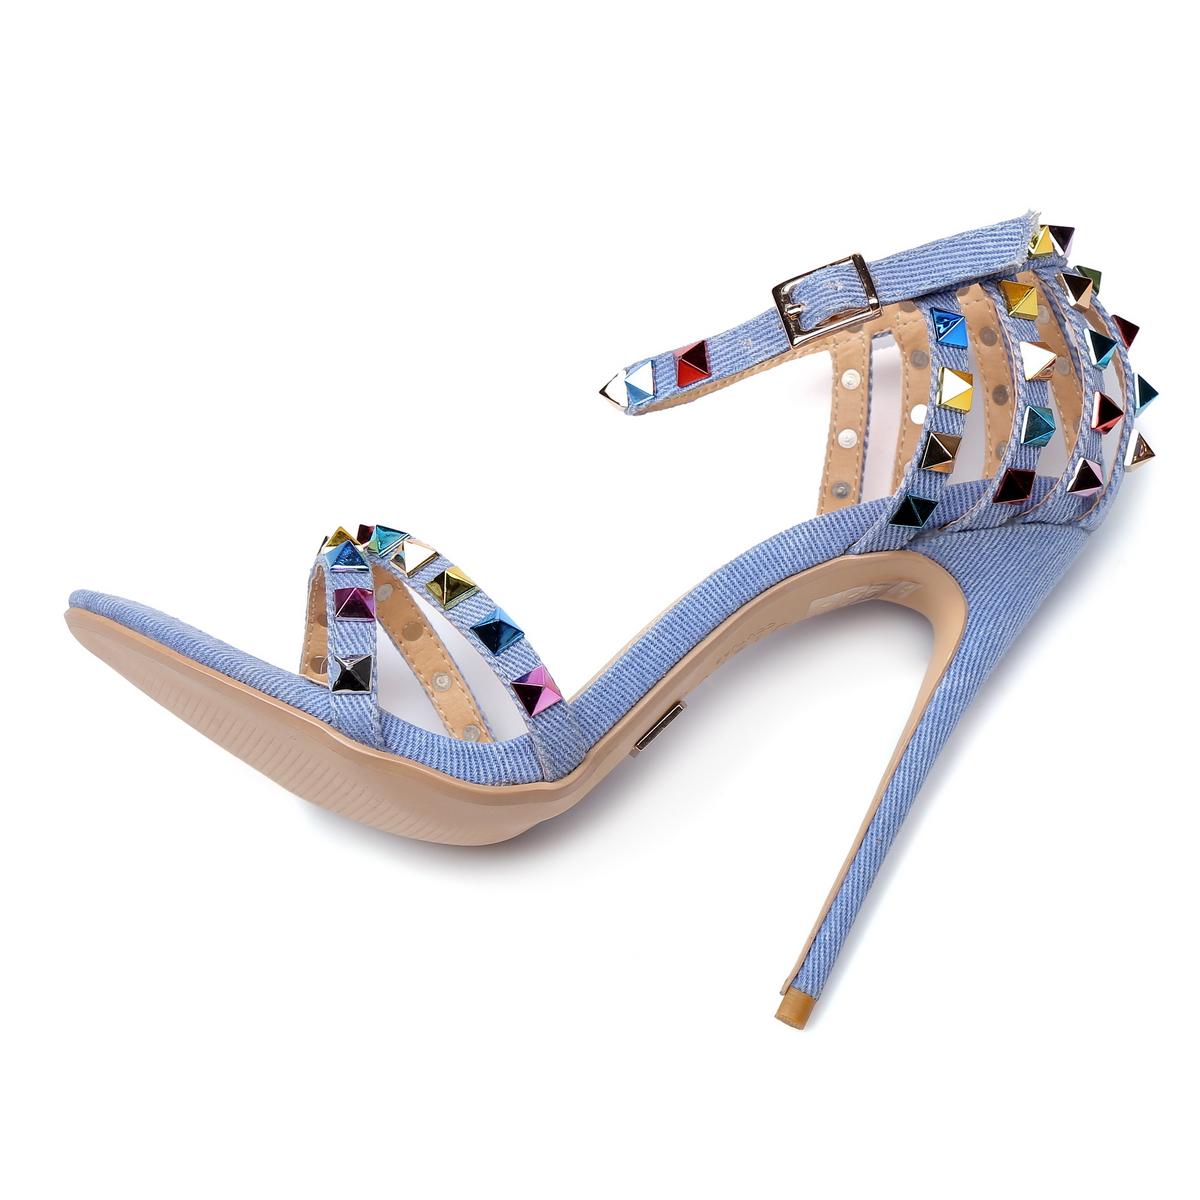 GIARO - Damen High Heel Sandalatten - Blau Schuhe in Übergrößen – Bild 5